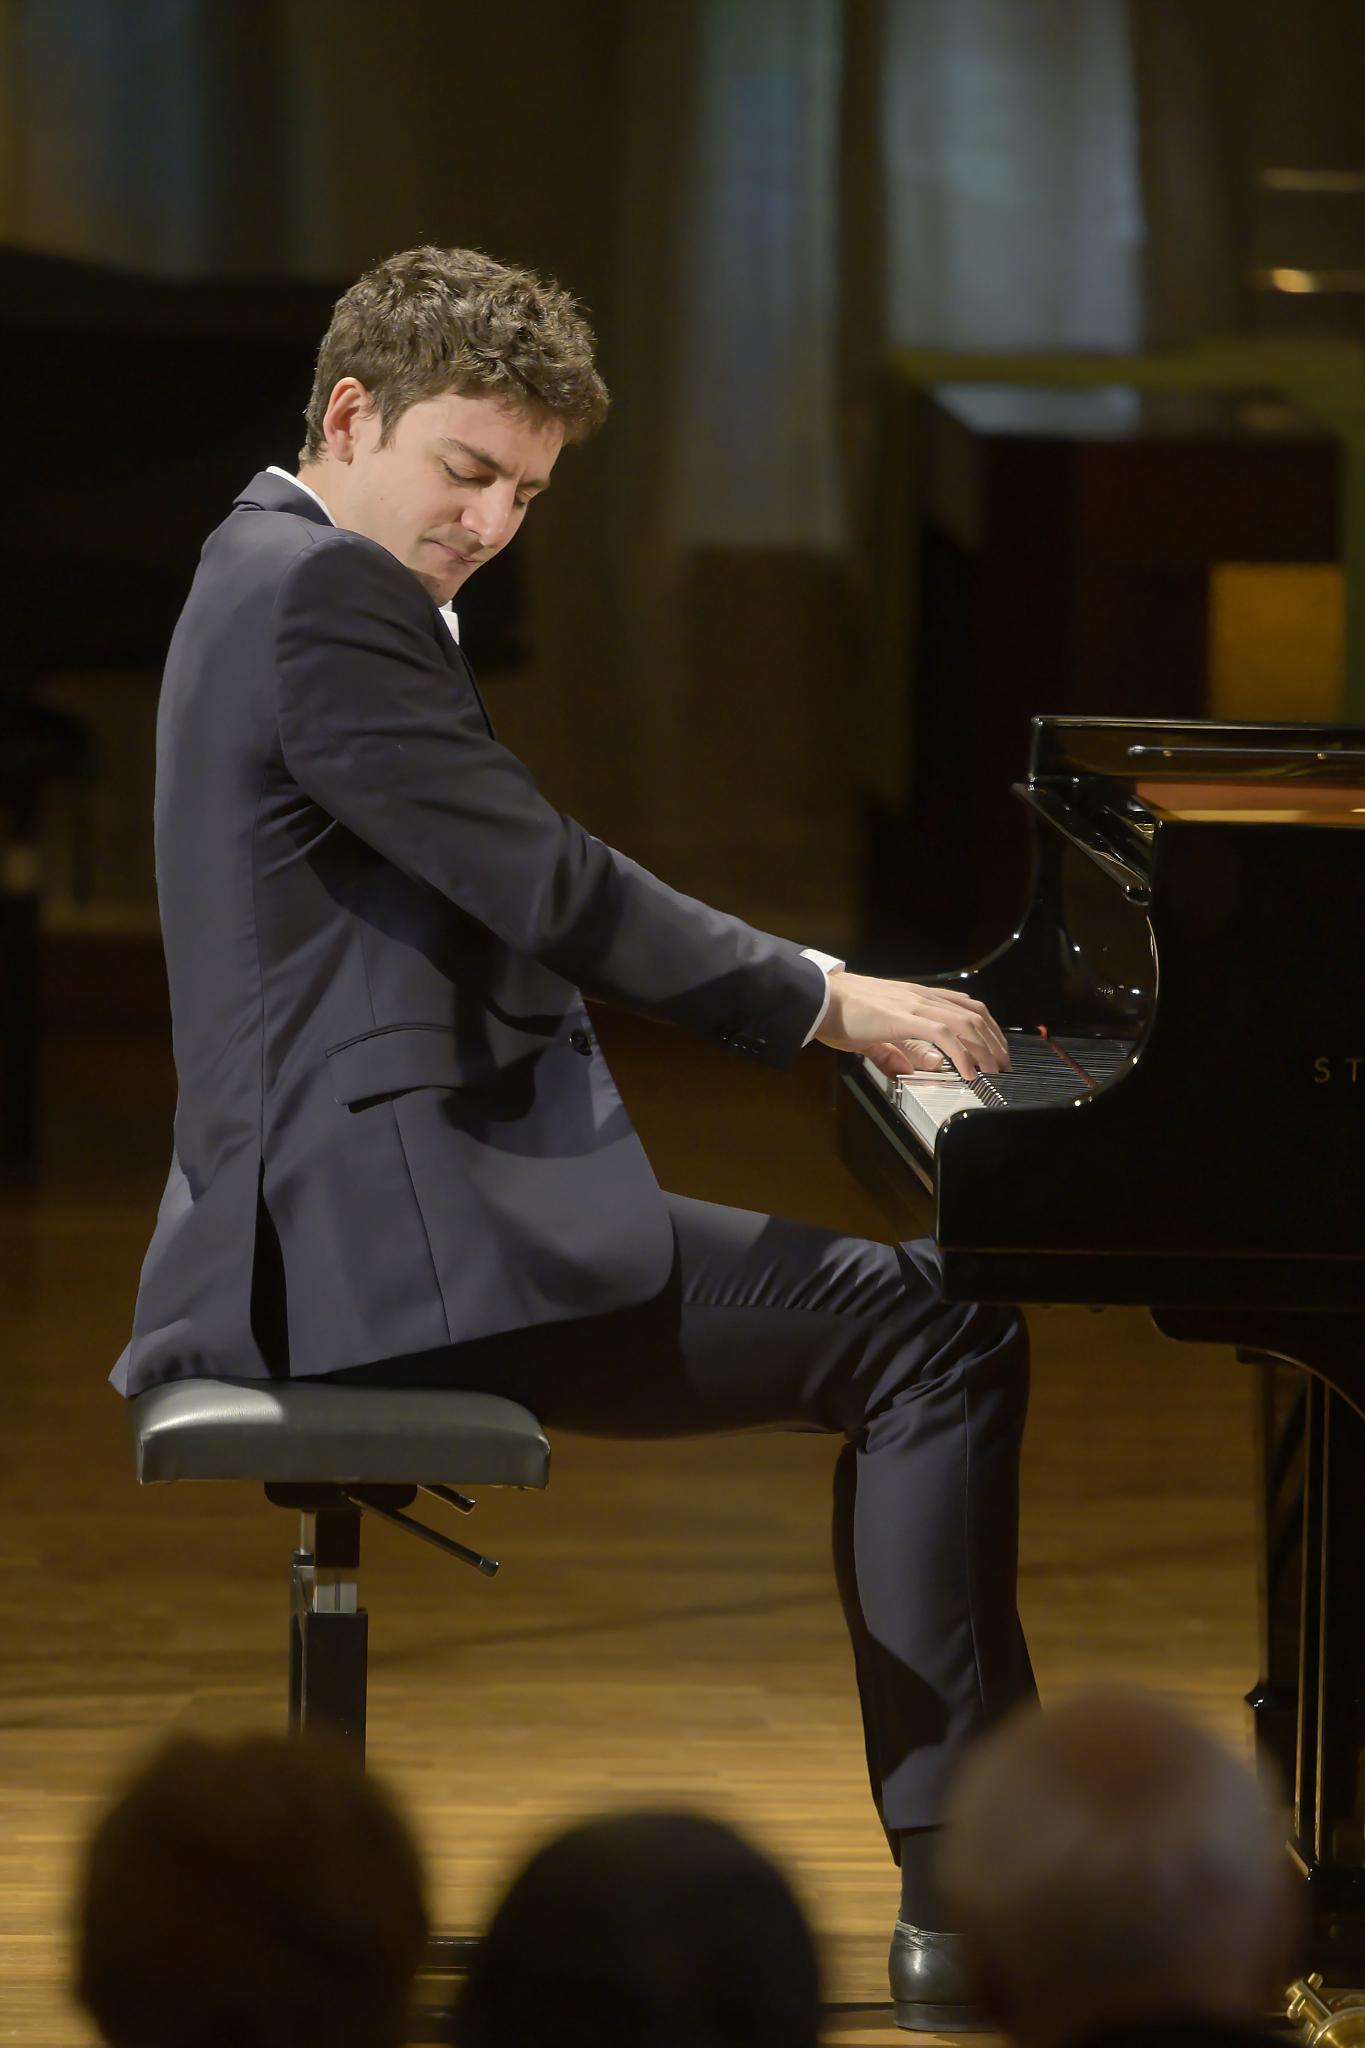 Alexander Ullman, Debut Recital @ Lucerne Piano Festival, 2019-11-22 (© Priska Ketterer / Lucerne Festival)